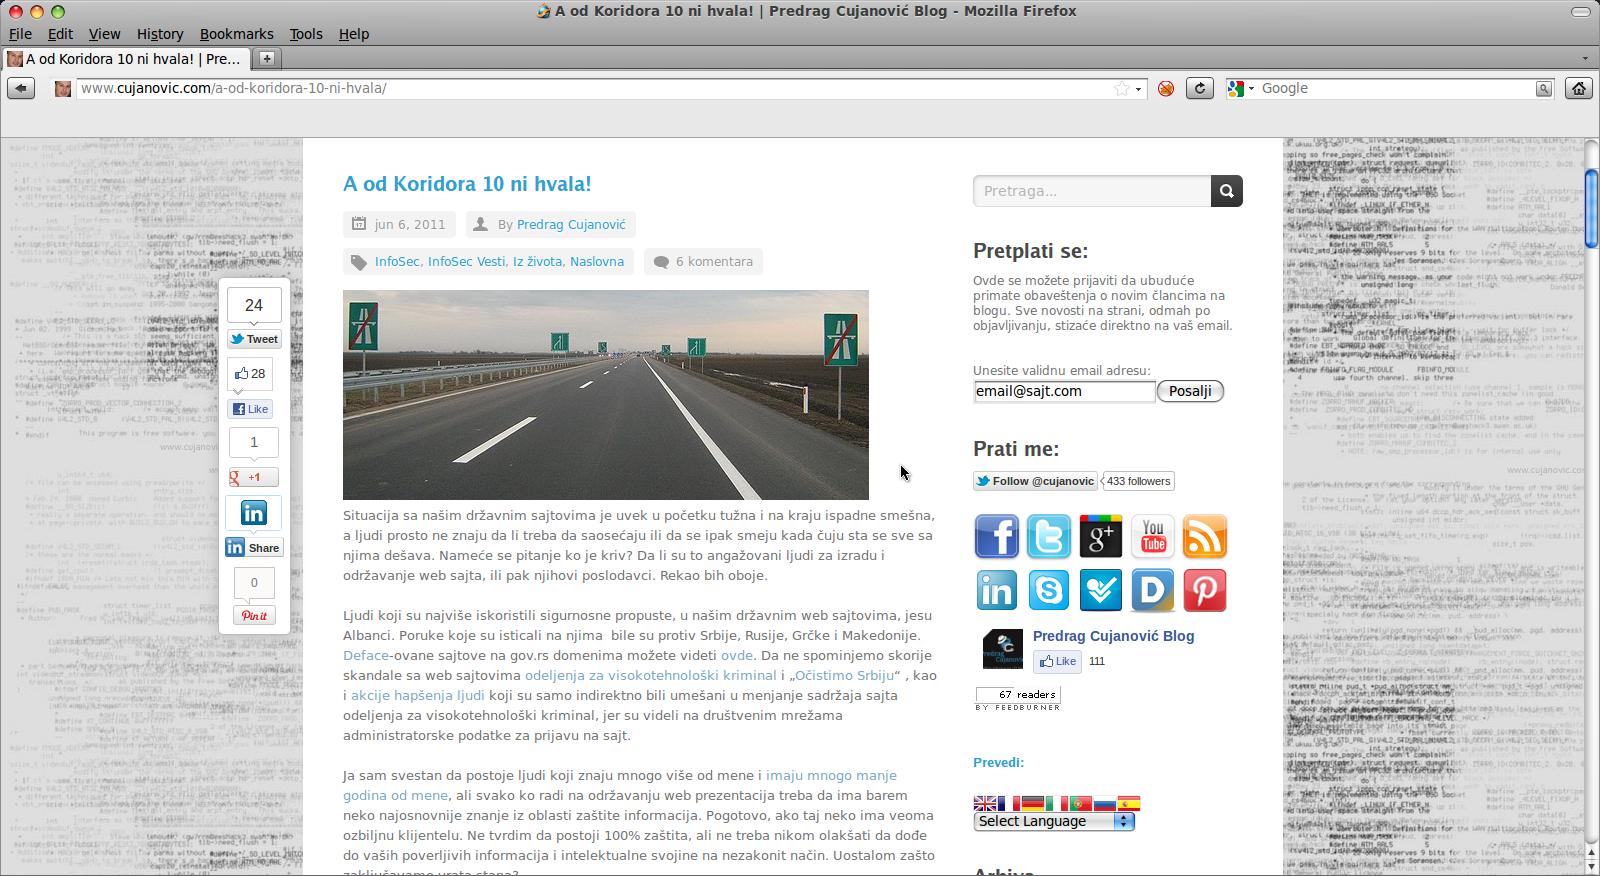 Landing page optimizacija